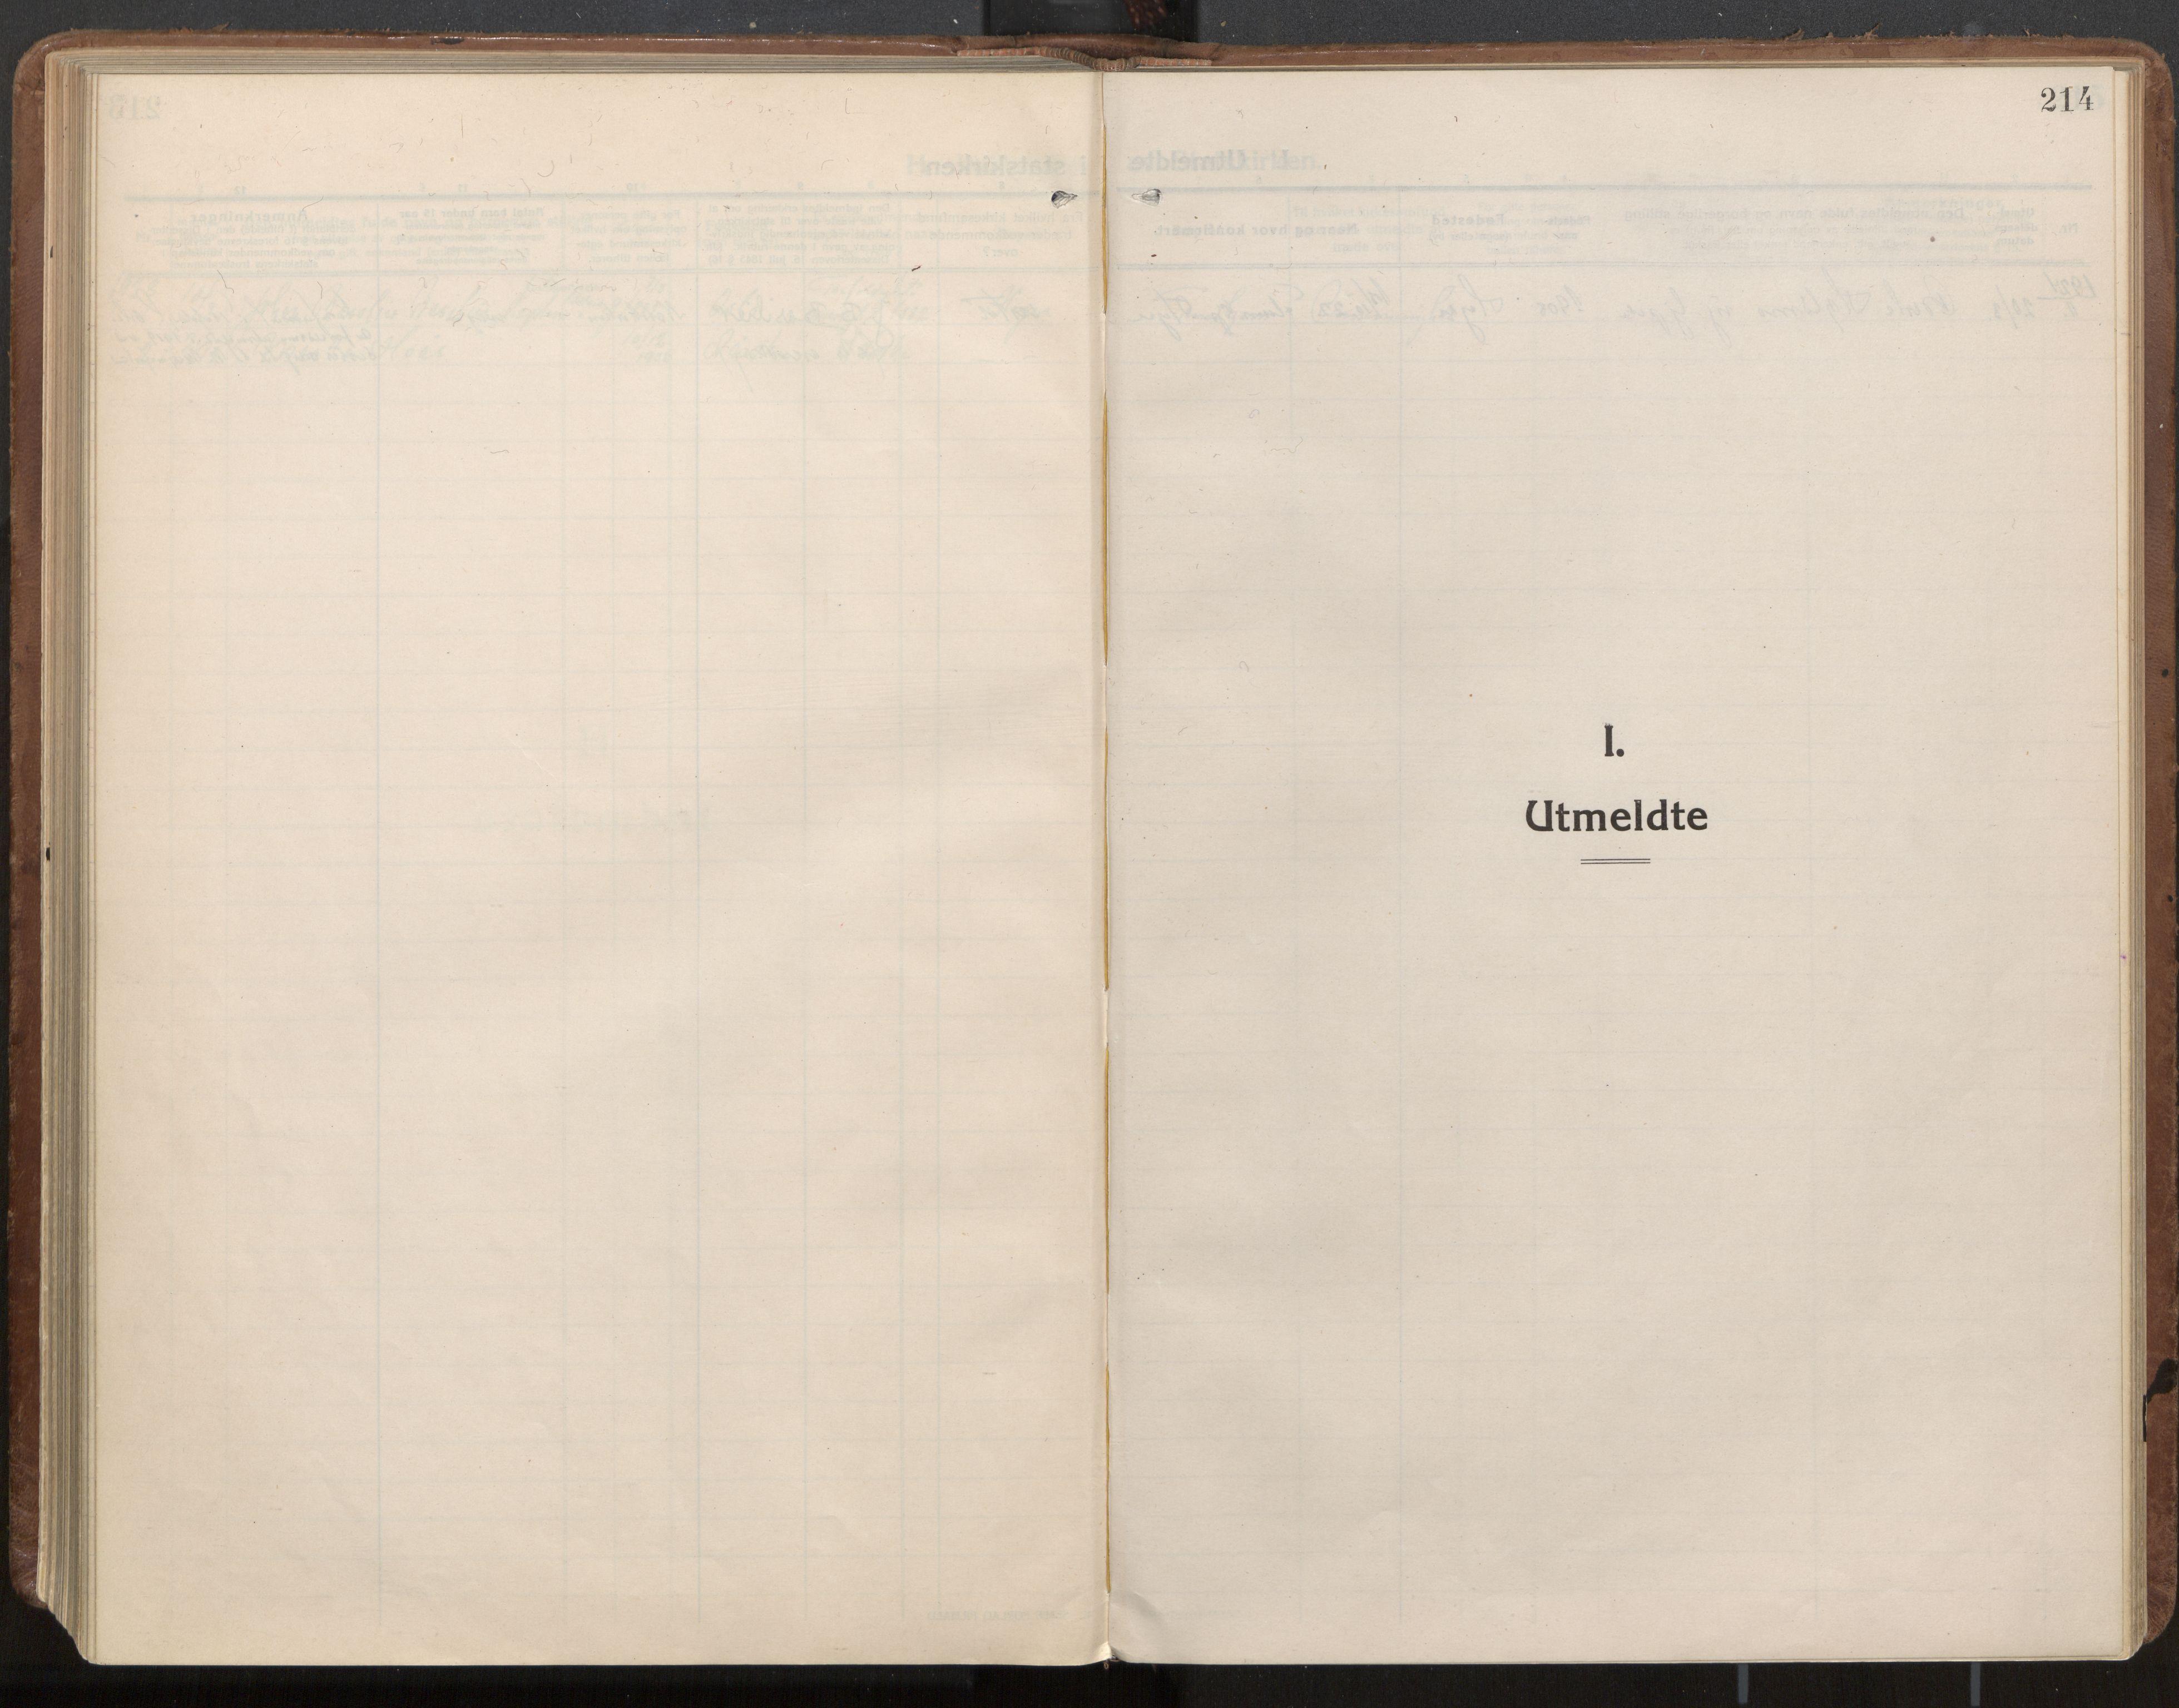 SAT, Ministerialprotokoller, klokkerbøker og fødselsregistre - Nord-Trøndelag, 703/L0037: Parish register (official) no. 703A10, 1915-1932, p. 214